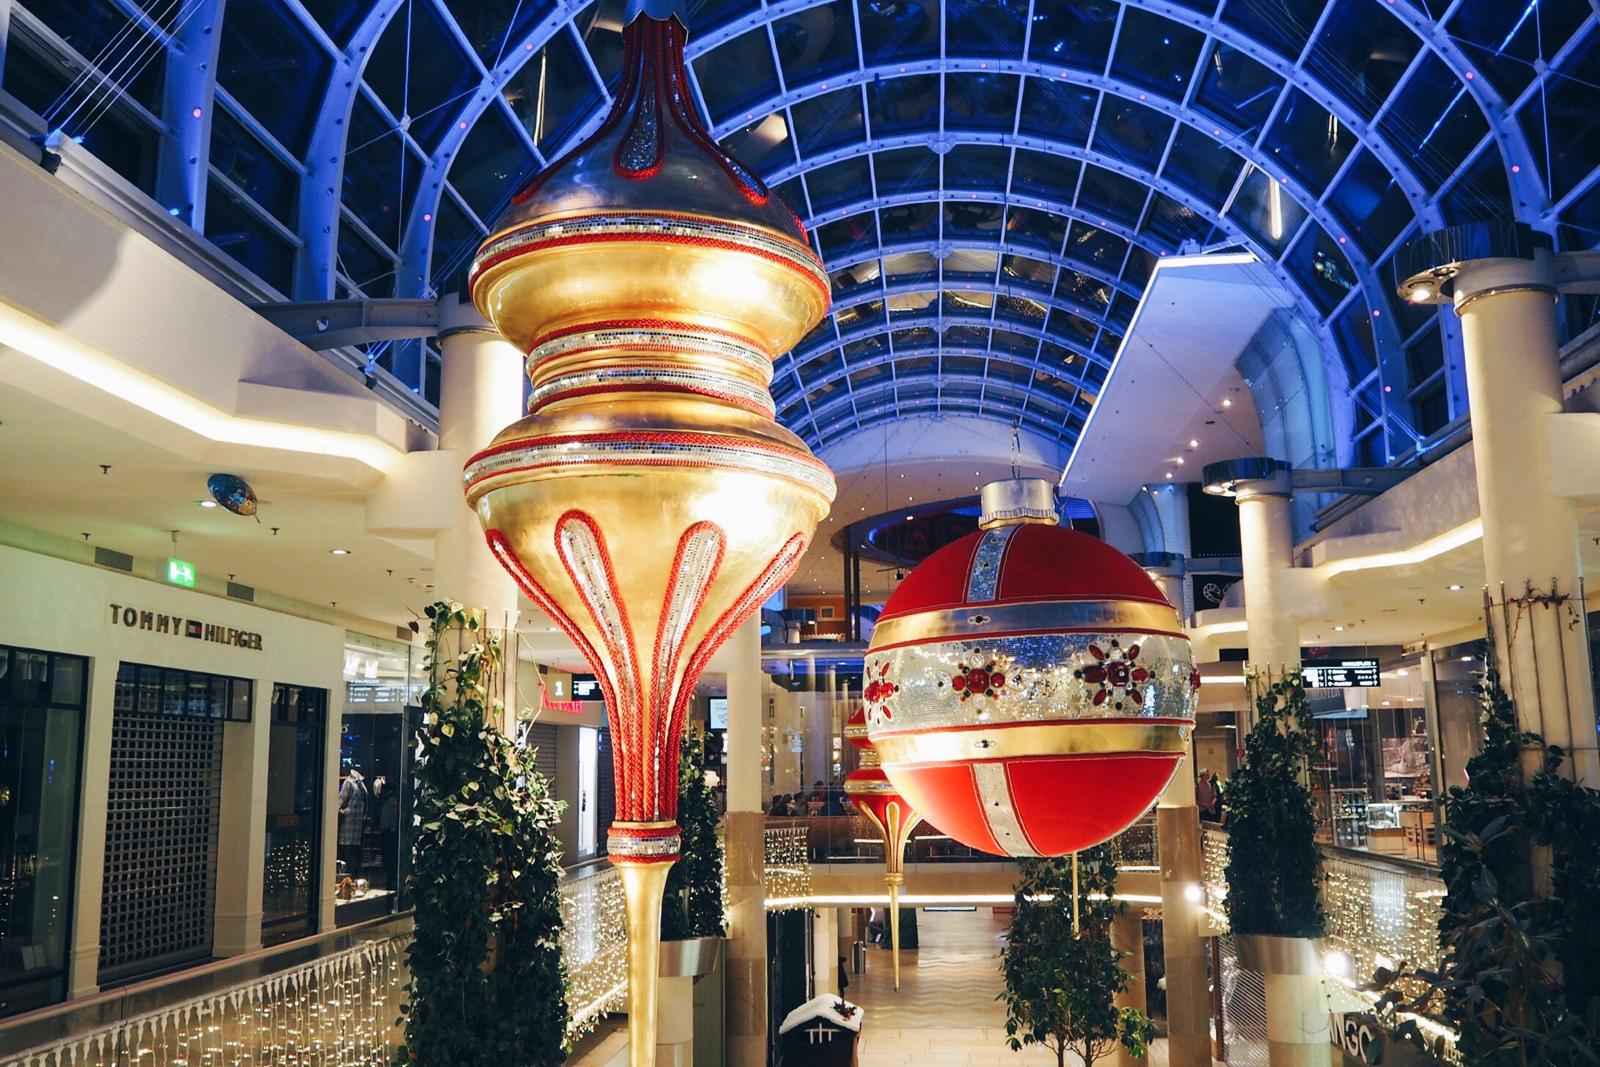 PlusCity-Weihnachtsgeschenke-Geschenktipps-Shopping-Tipps-Haul-Suechtig-nach-Lifestyleblog-Fashionblog-Foodblog-Oberoesterreich-Linz-02